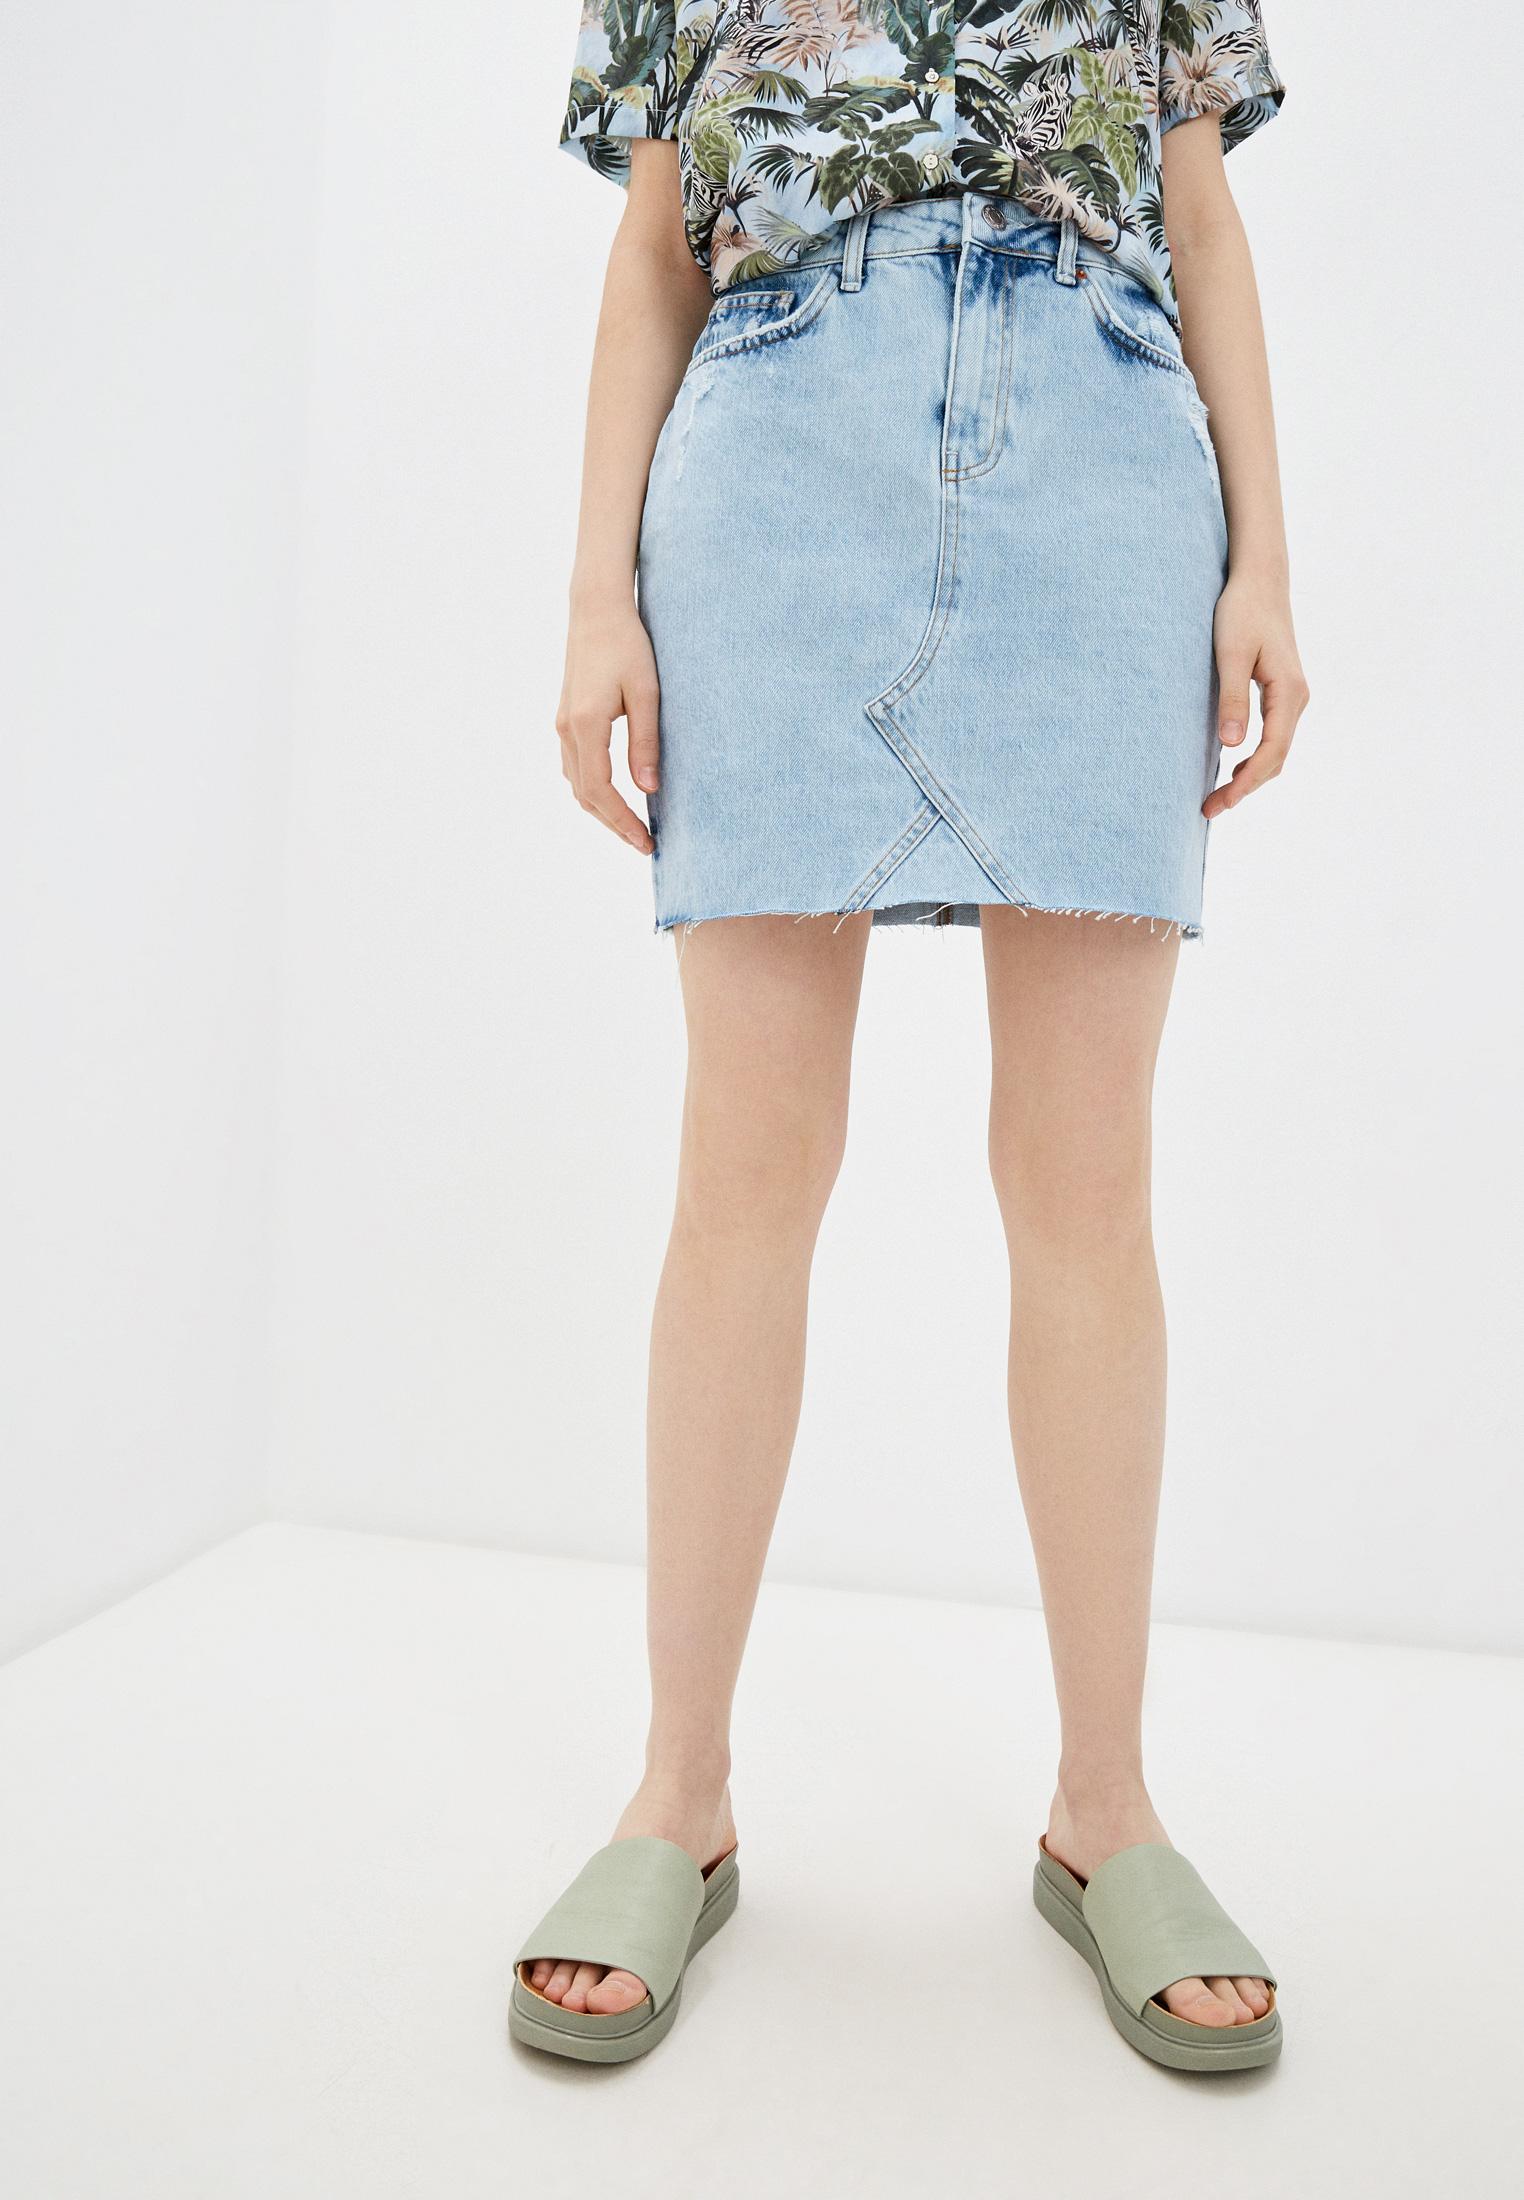 Джинсовая юбка Koton Юбка джинсовая Koton